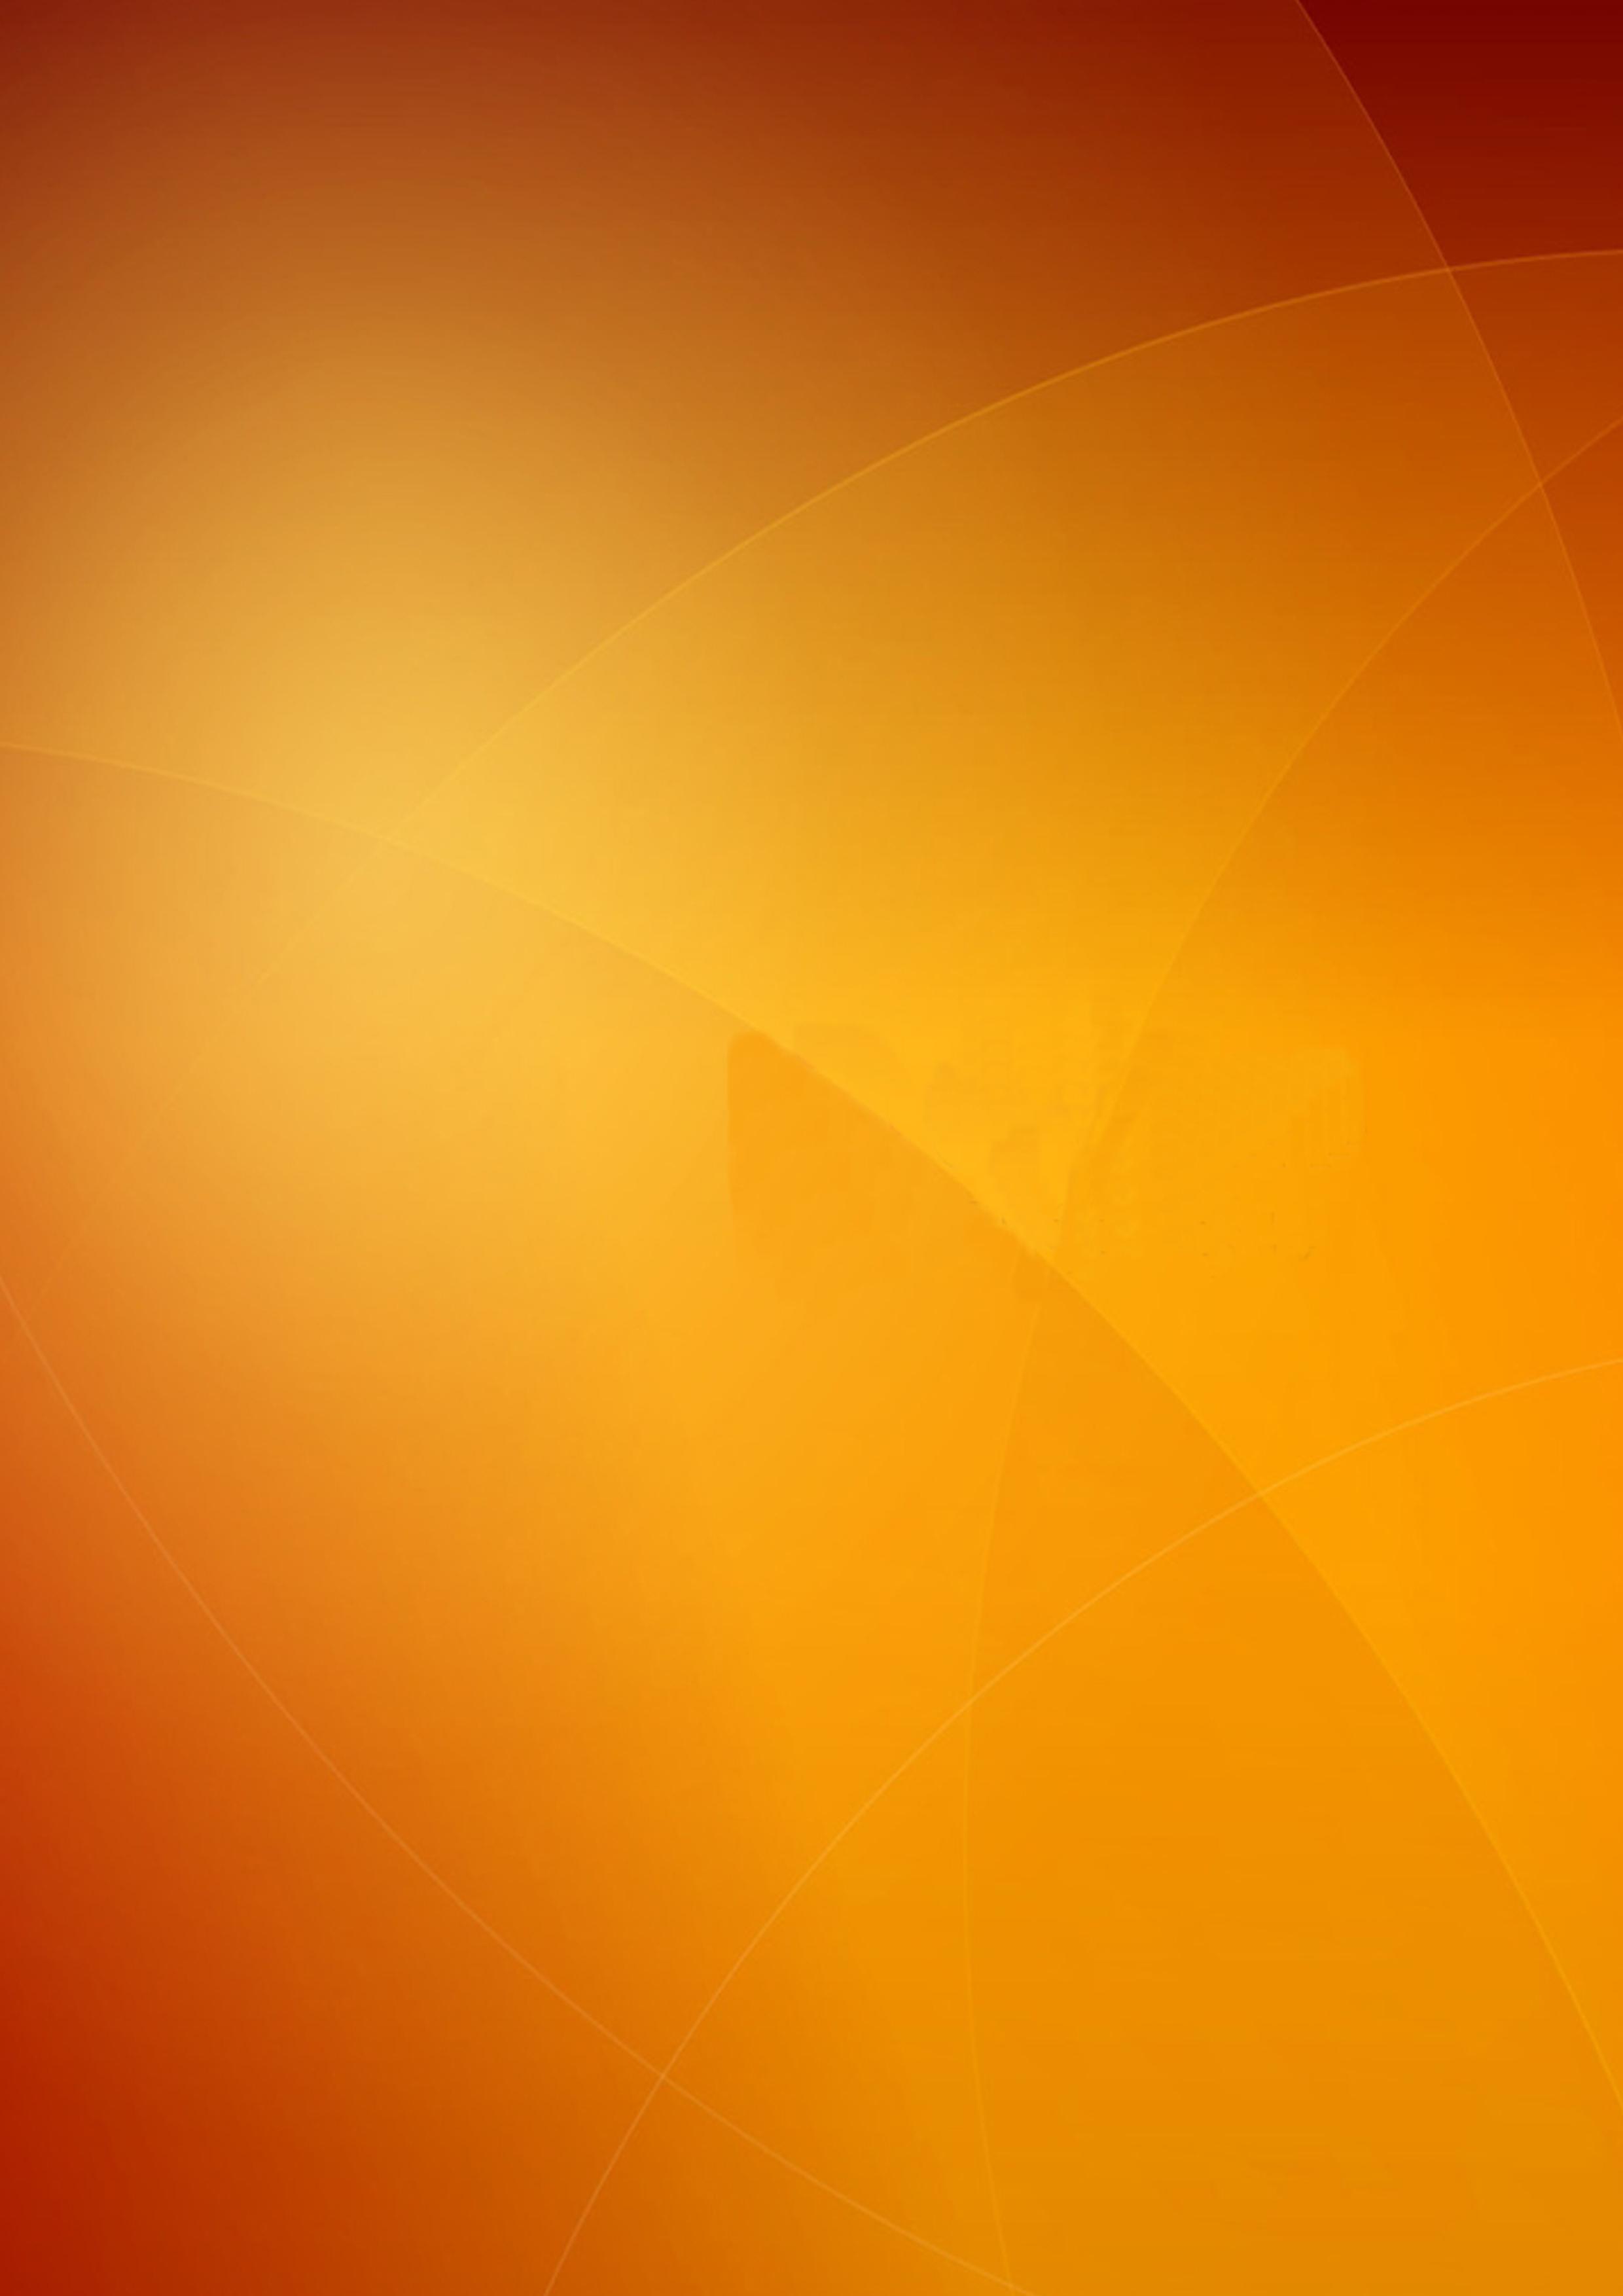 Simple Flyers Background - klejonka